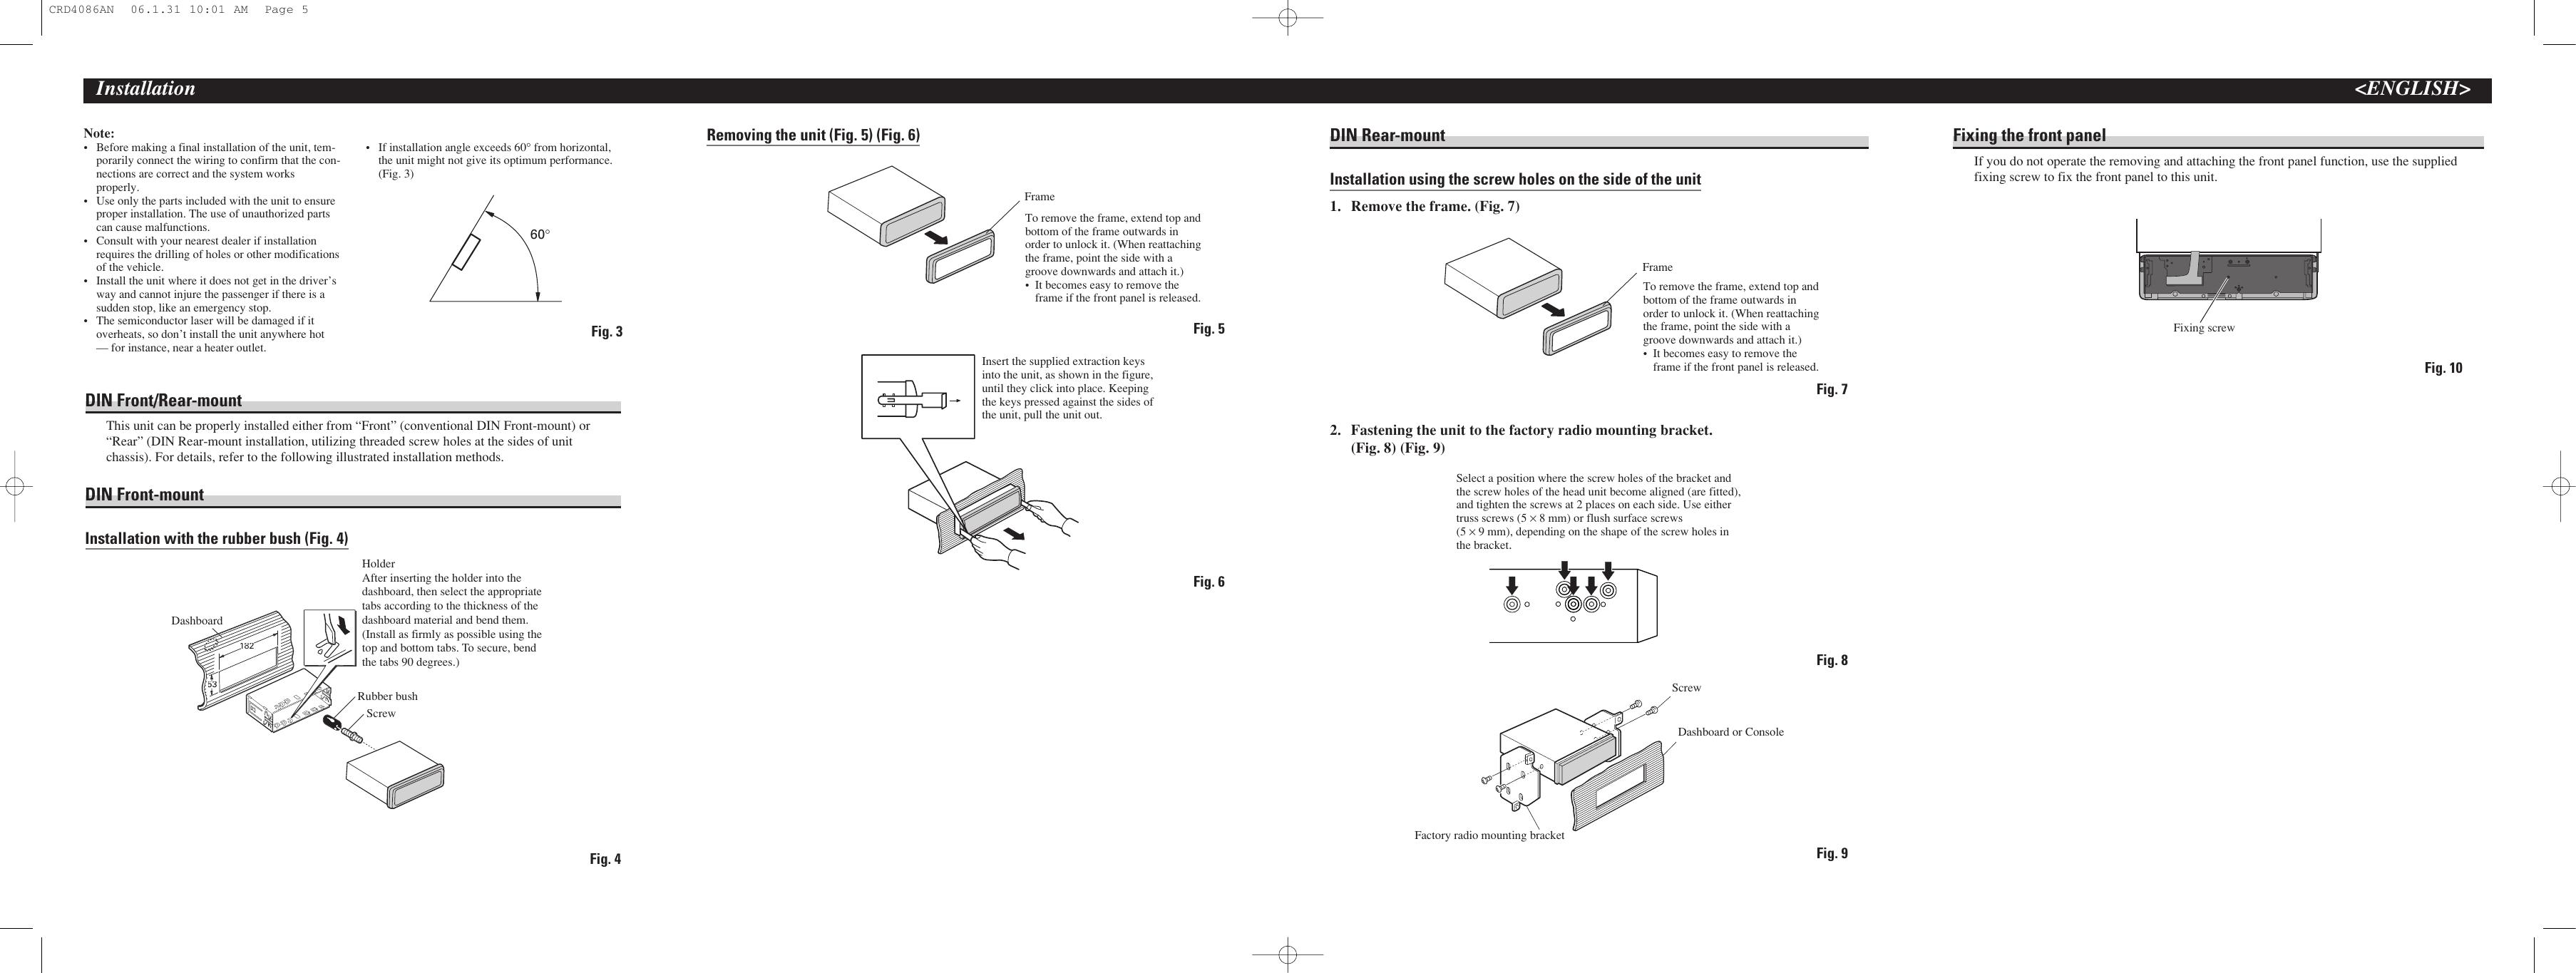 pioneer deh p780mp crd4086an user manual to the ecbe19e3 e284 43de rh usermanual wiki Clip Art User Guide Quick Reference Guide